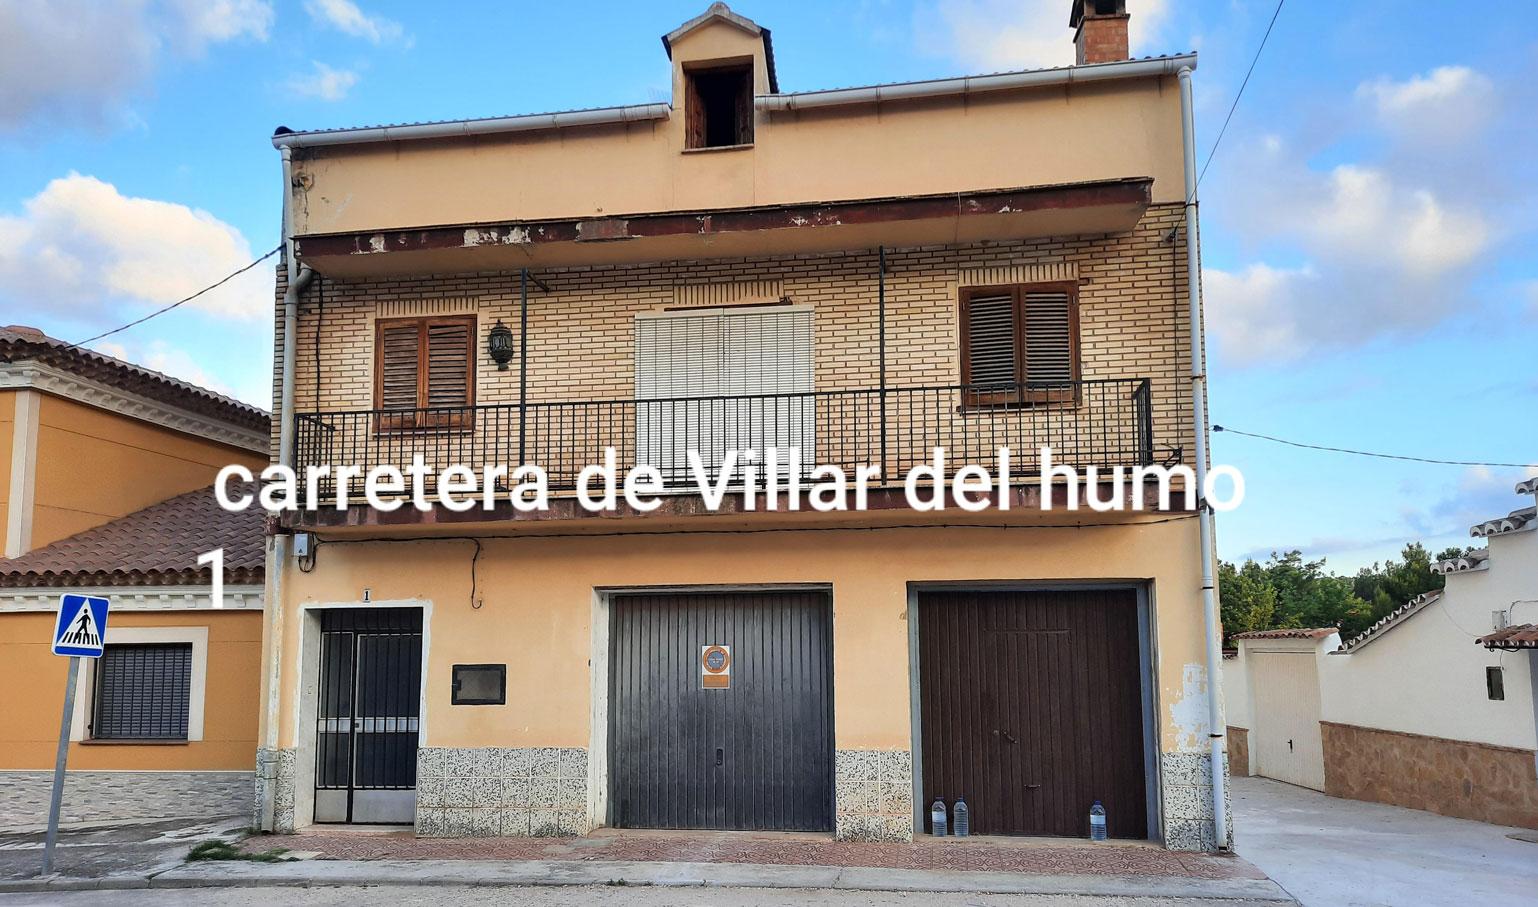 casas-cardenete-cuenca